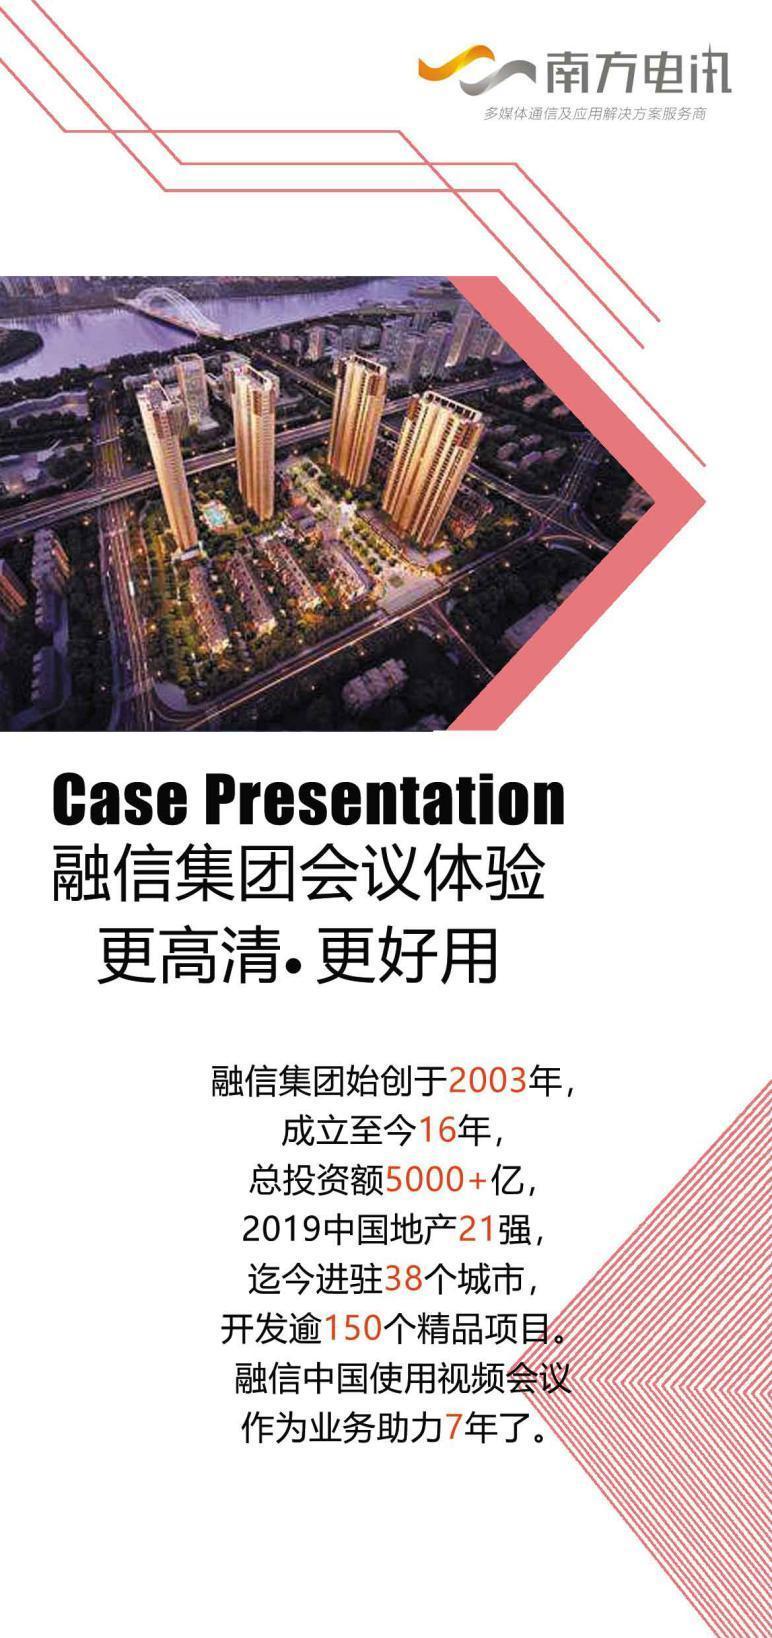 """案例呈现:房地产行业如何成功运用""""云视频协作""""?"""